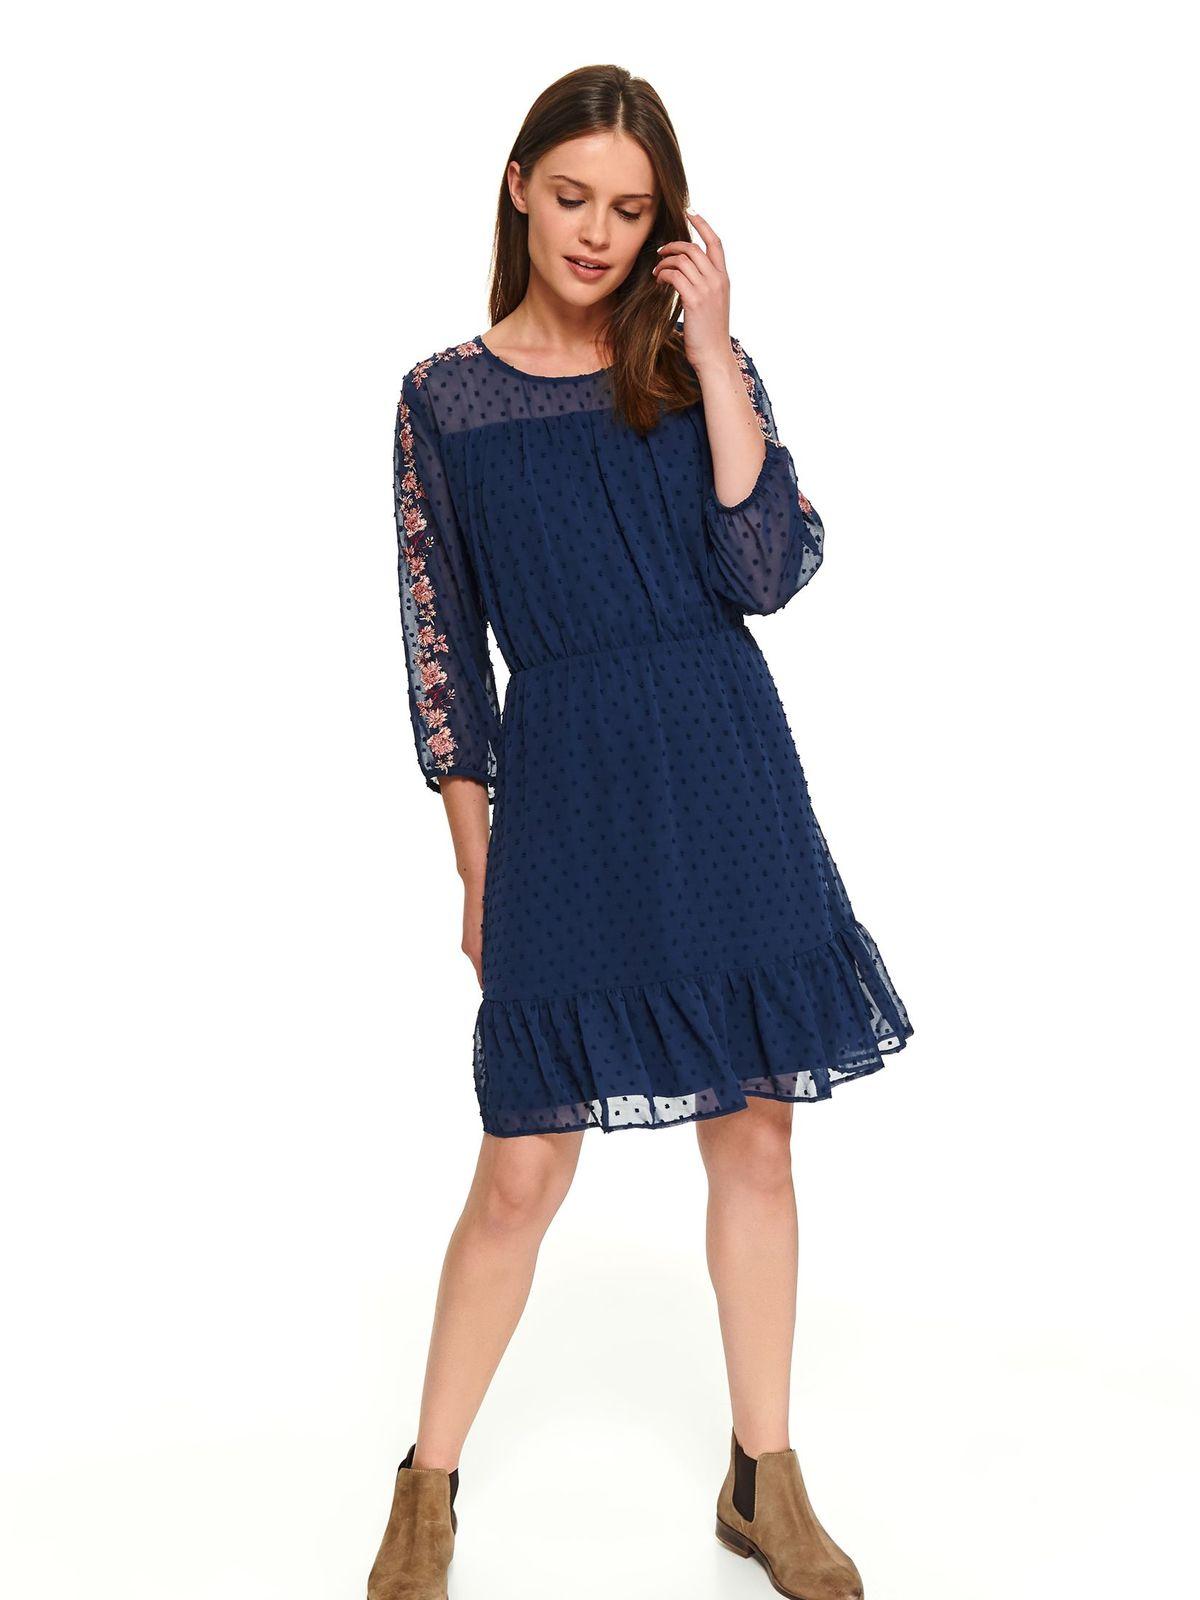 Rochie Top Secret albastru-inchis scurta de zi in clos cu maneci lungi si elastic in talie